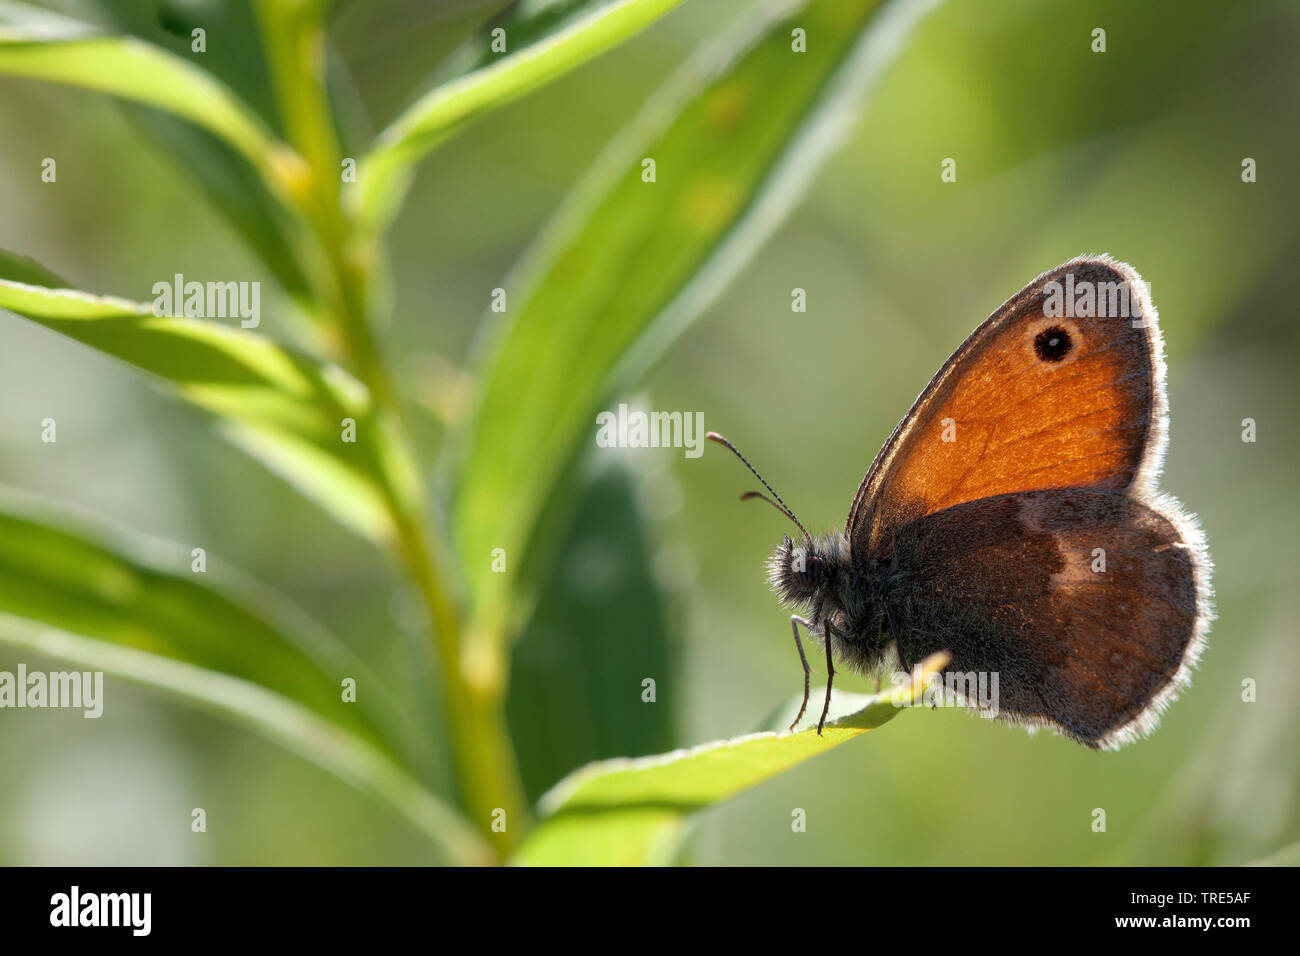 Kleines Wiesenvoegelchen, Wiesen-Voegelchen, Wiesenvoegelchen, Kleiner Heufalter (Coenonympha pamphilus), Seitenansicht, Deutschland, Bayern | small h - Stock Image